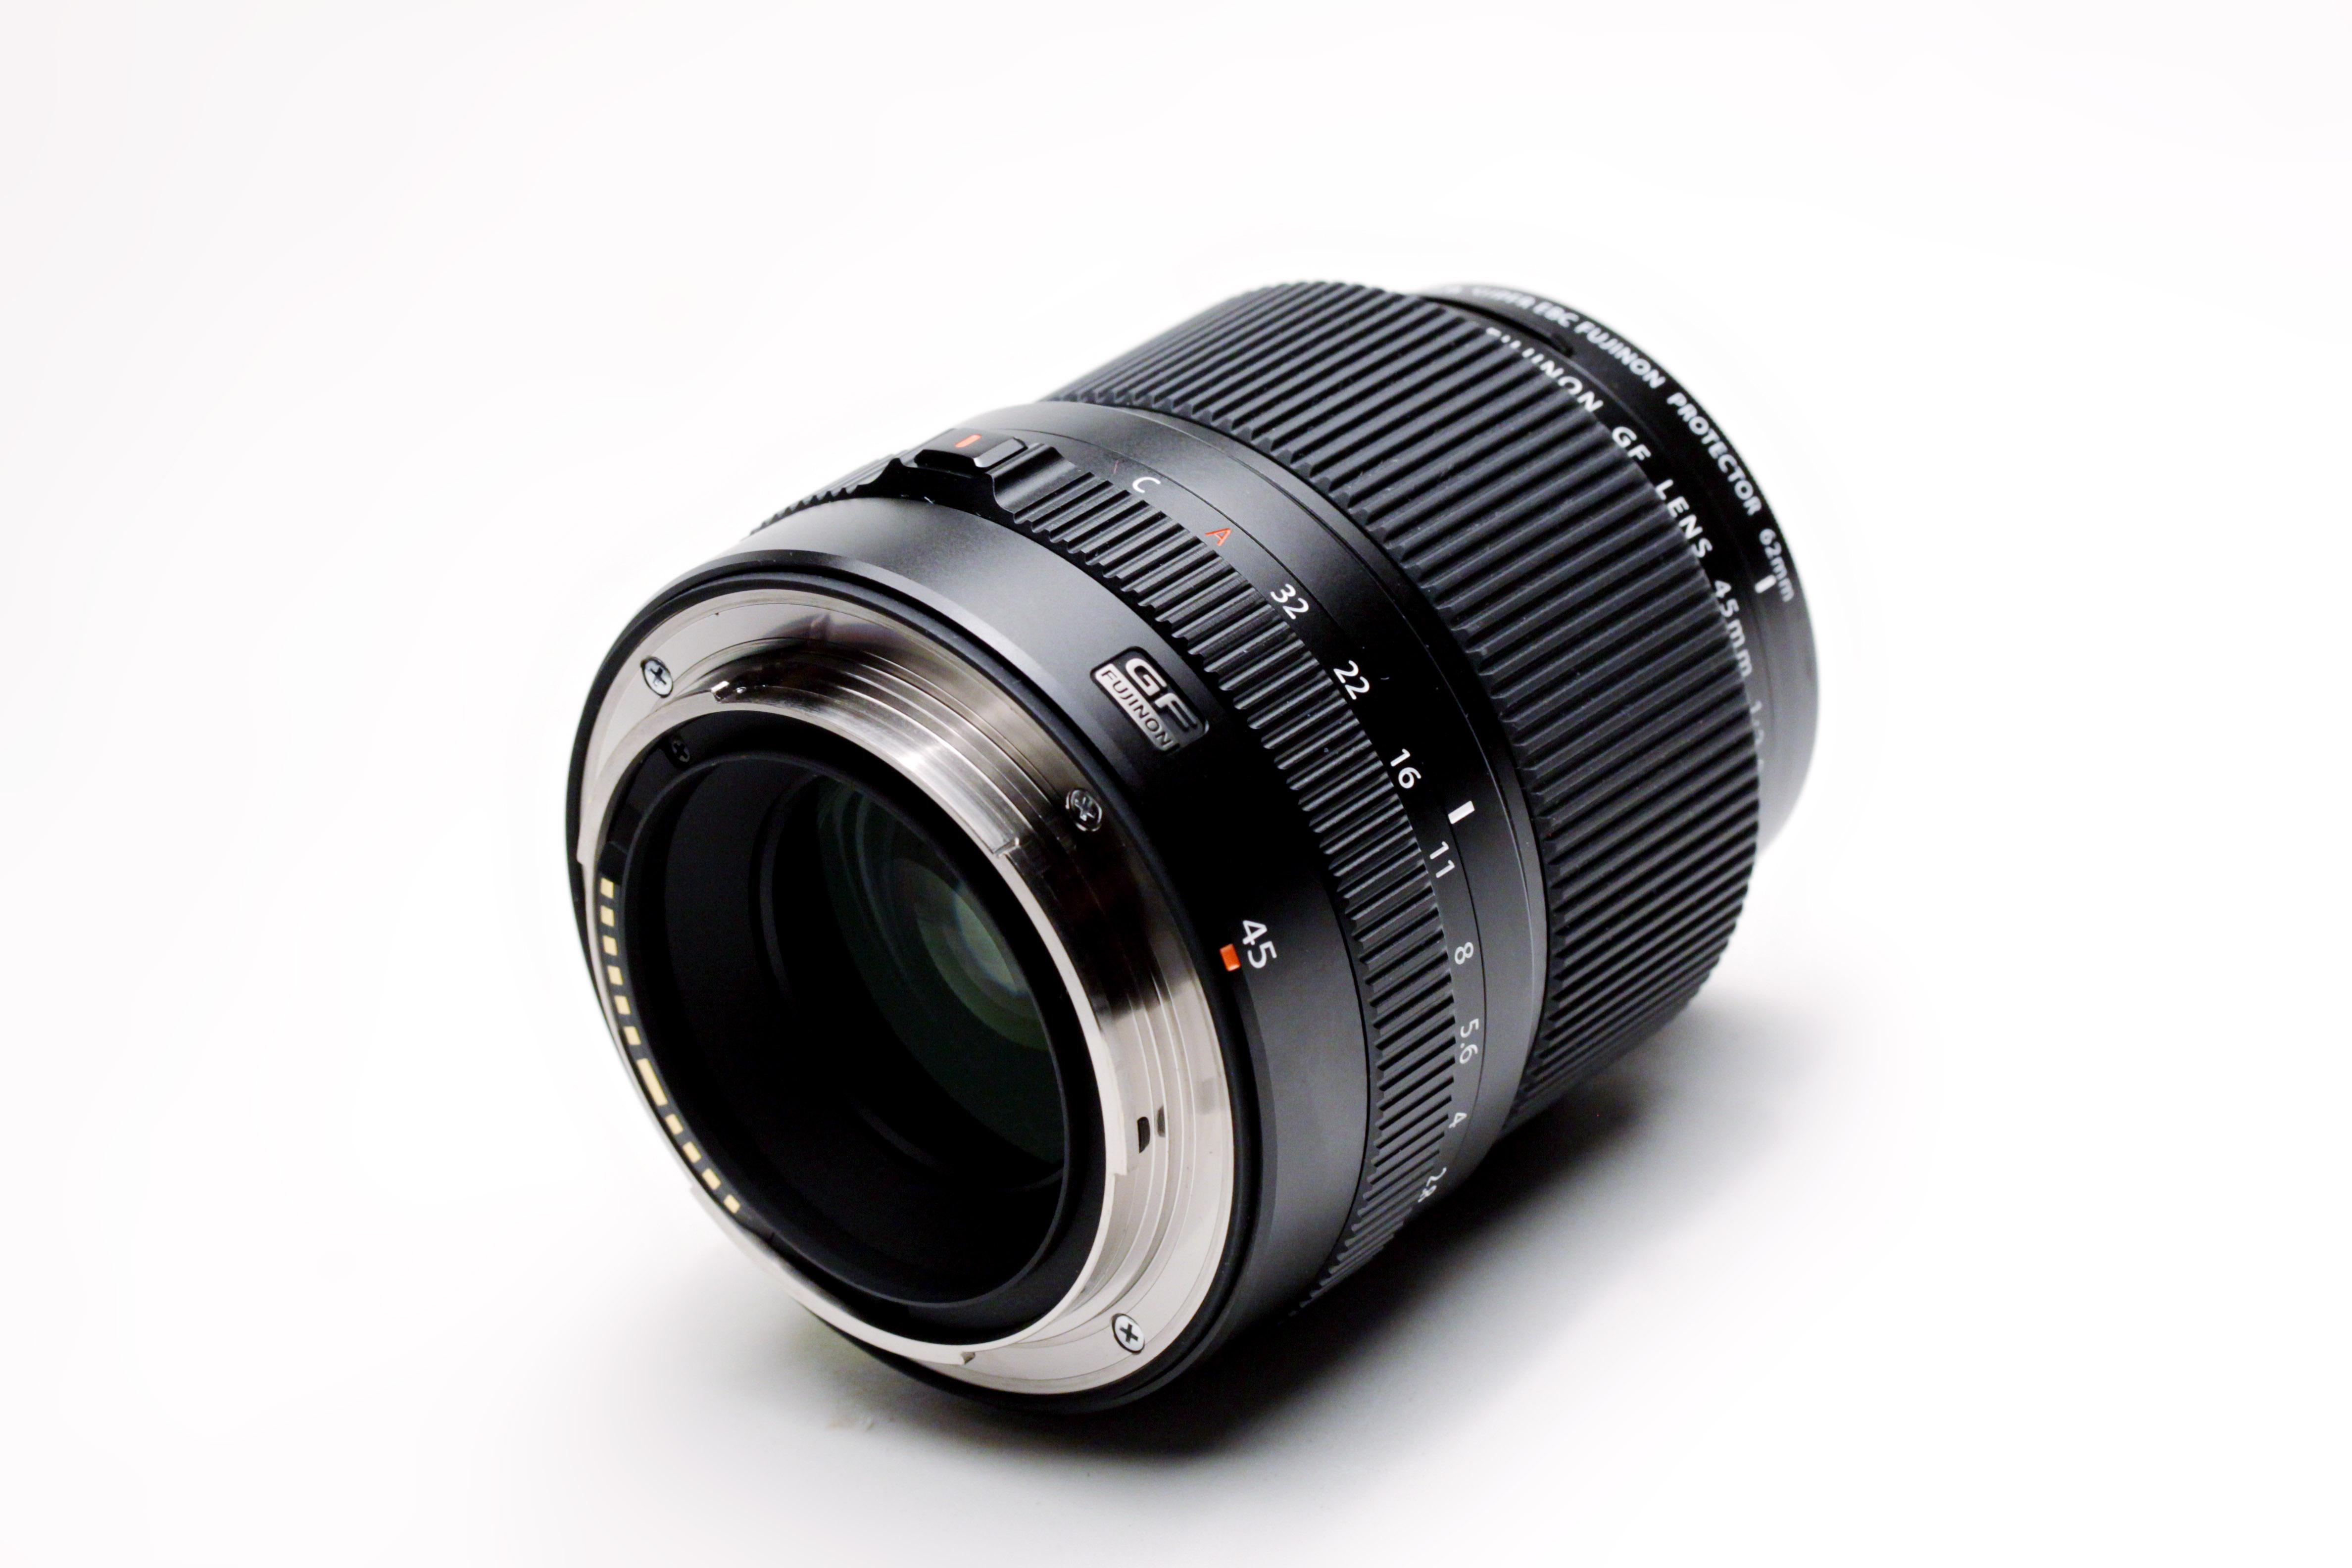 Fujifilm GF 45mm f2.8 R WR lens.